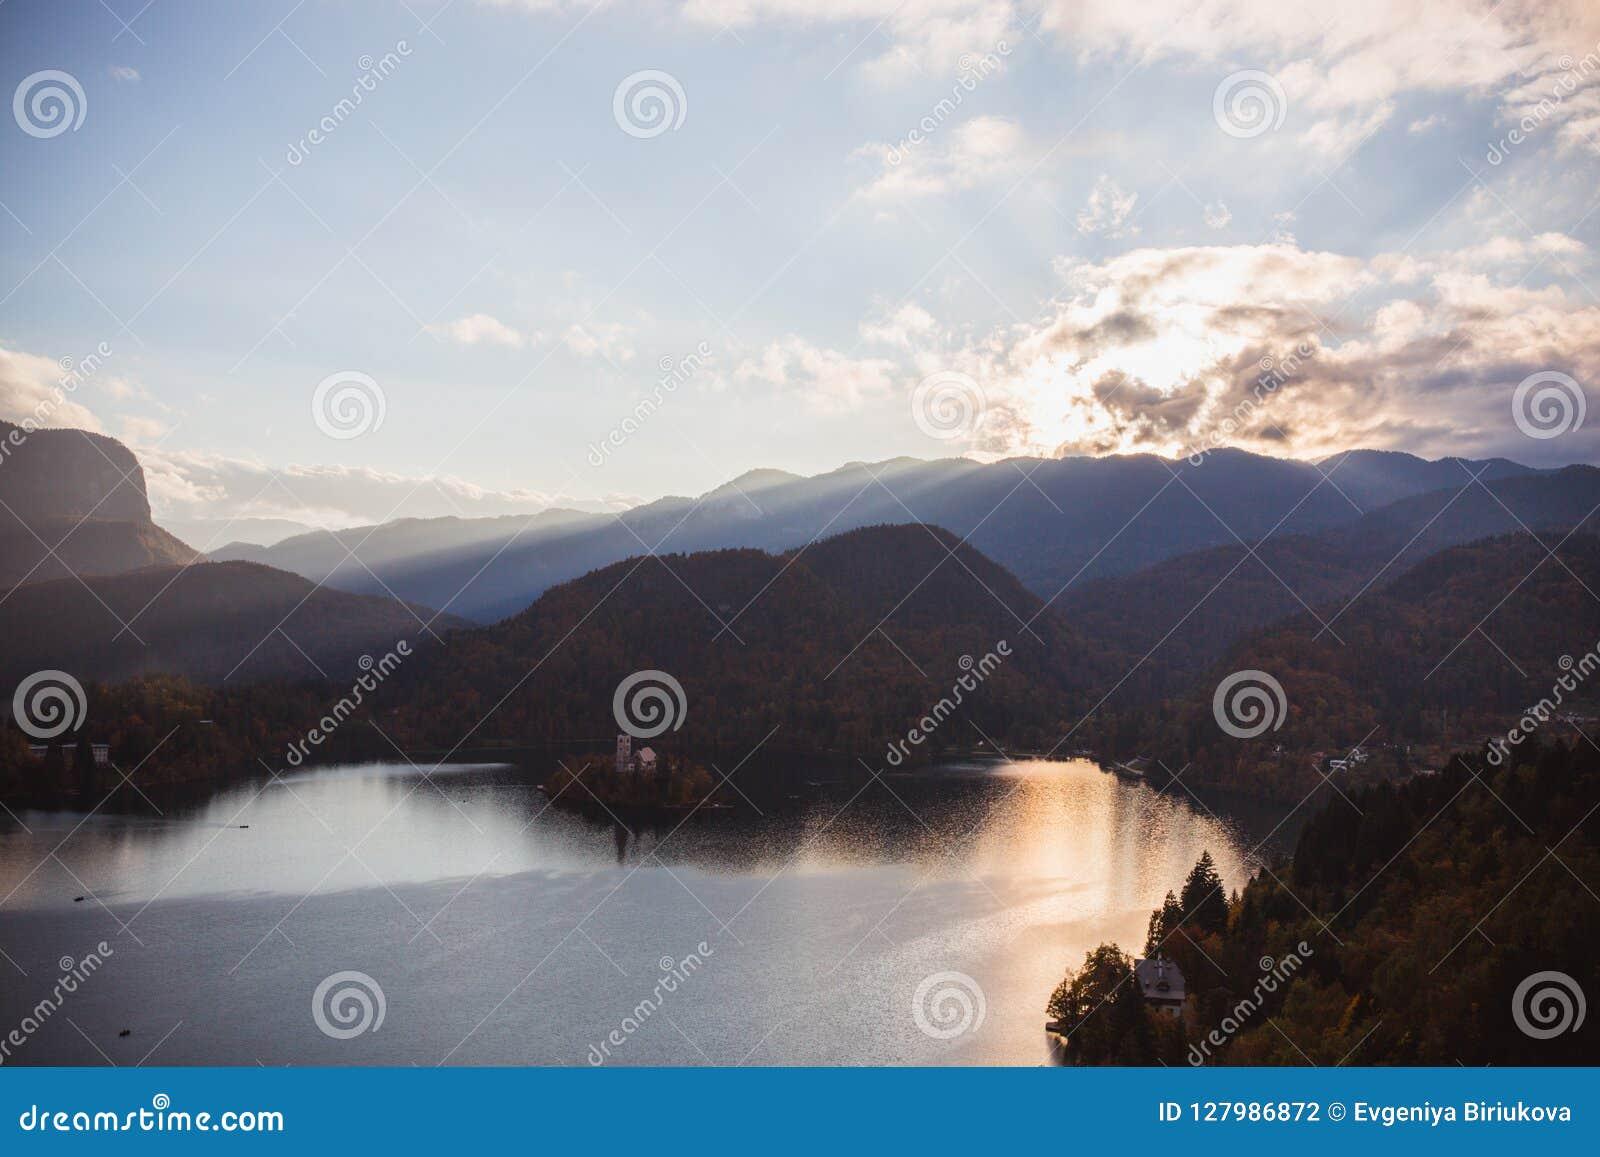 El lago sangró, isla en el lago en la salida del sol en otoño o invierno